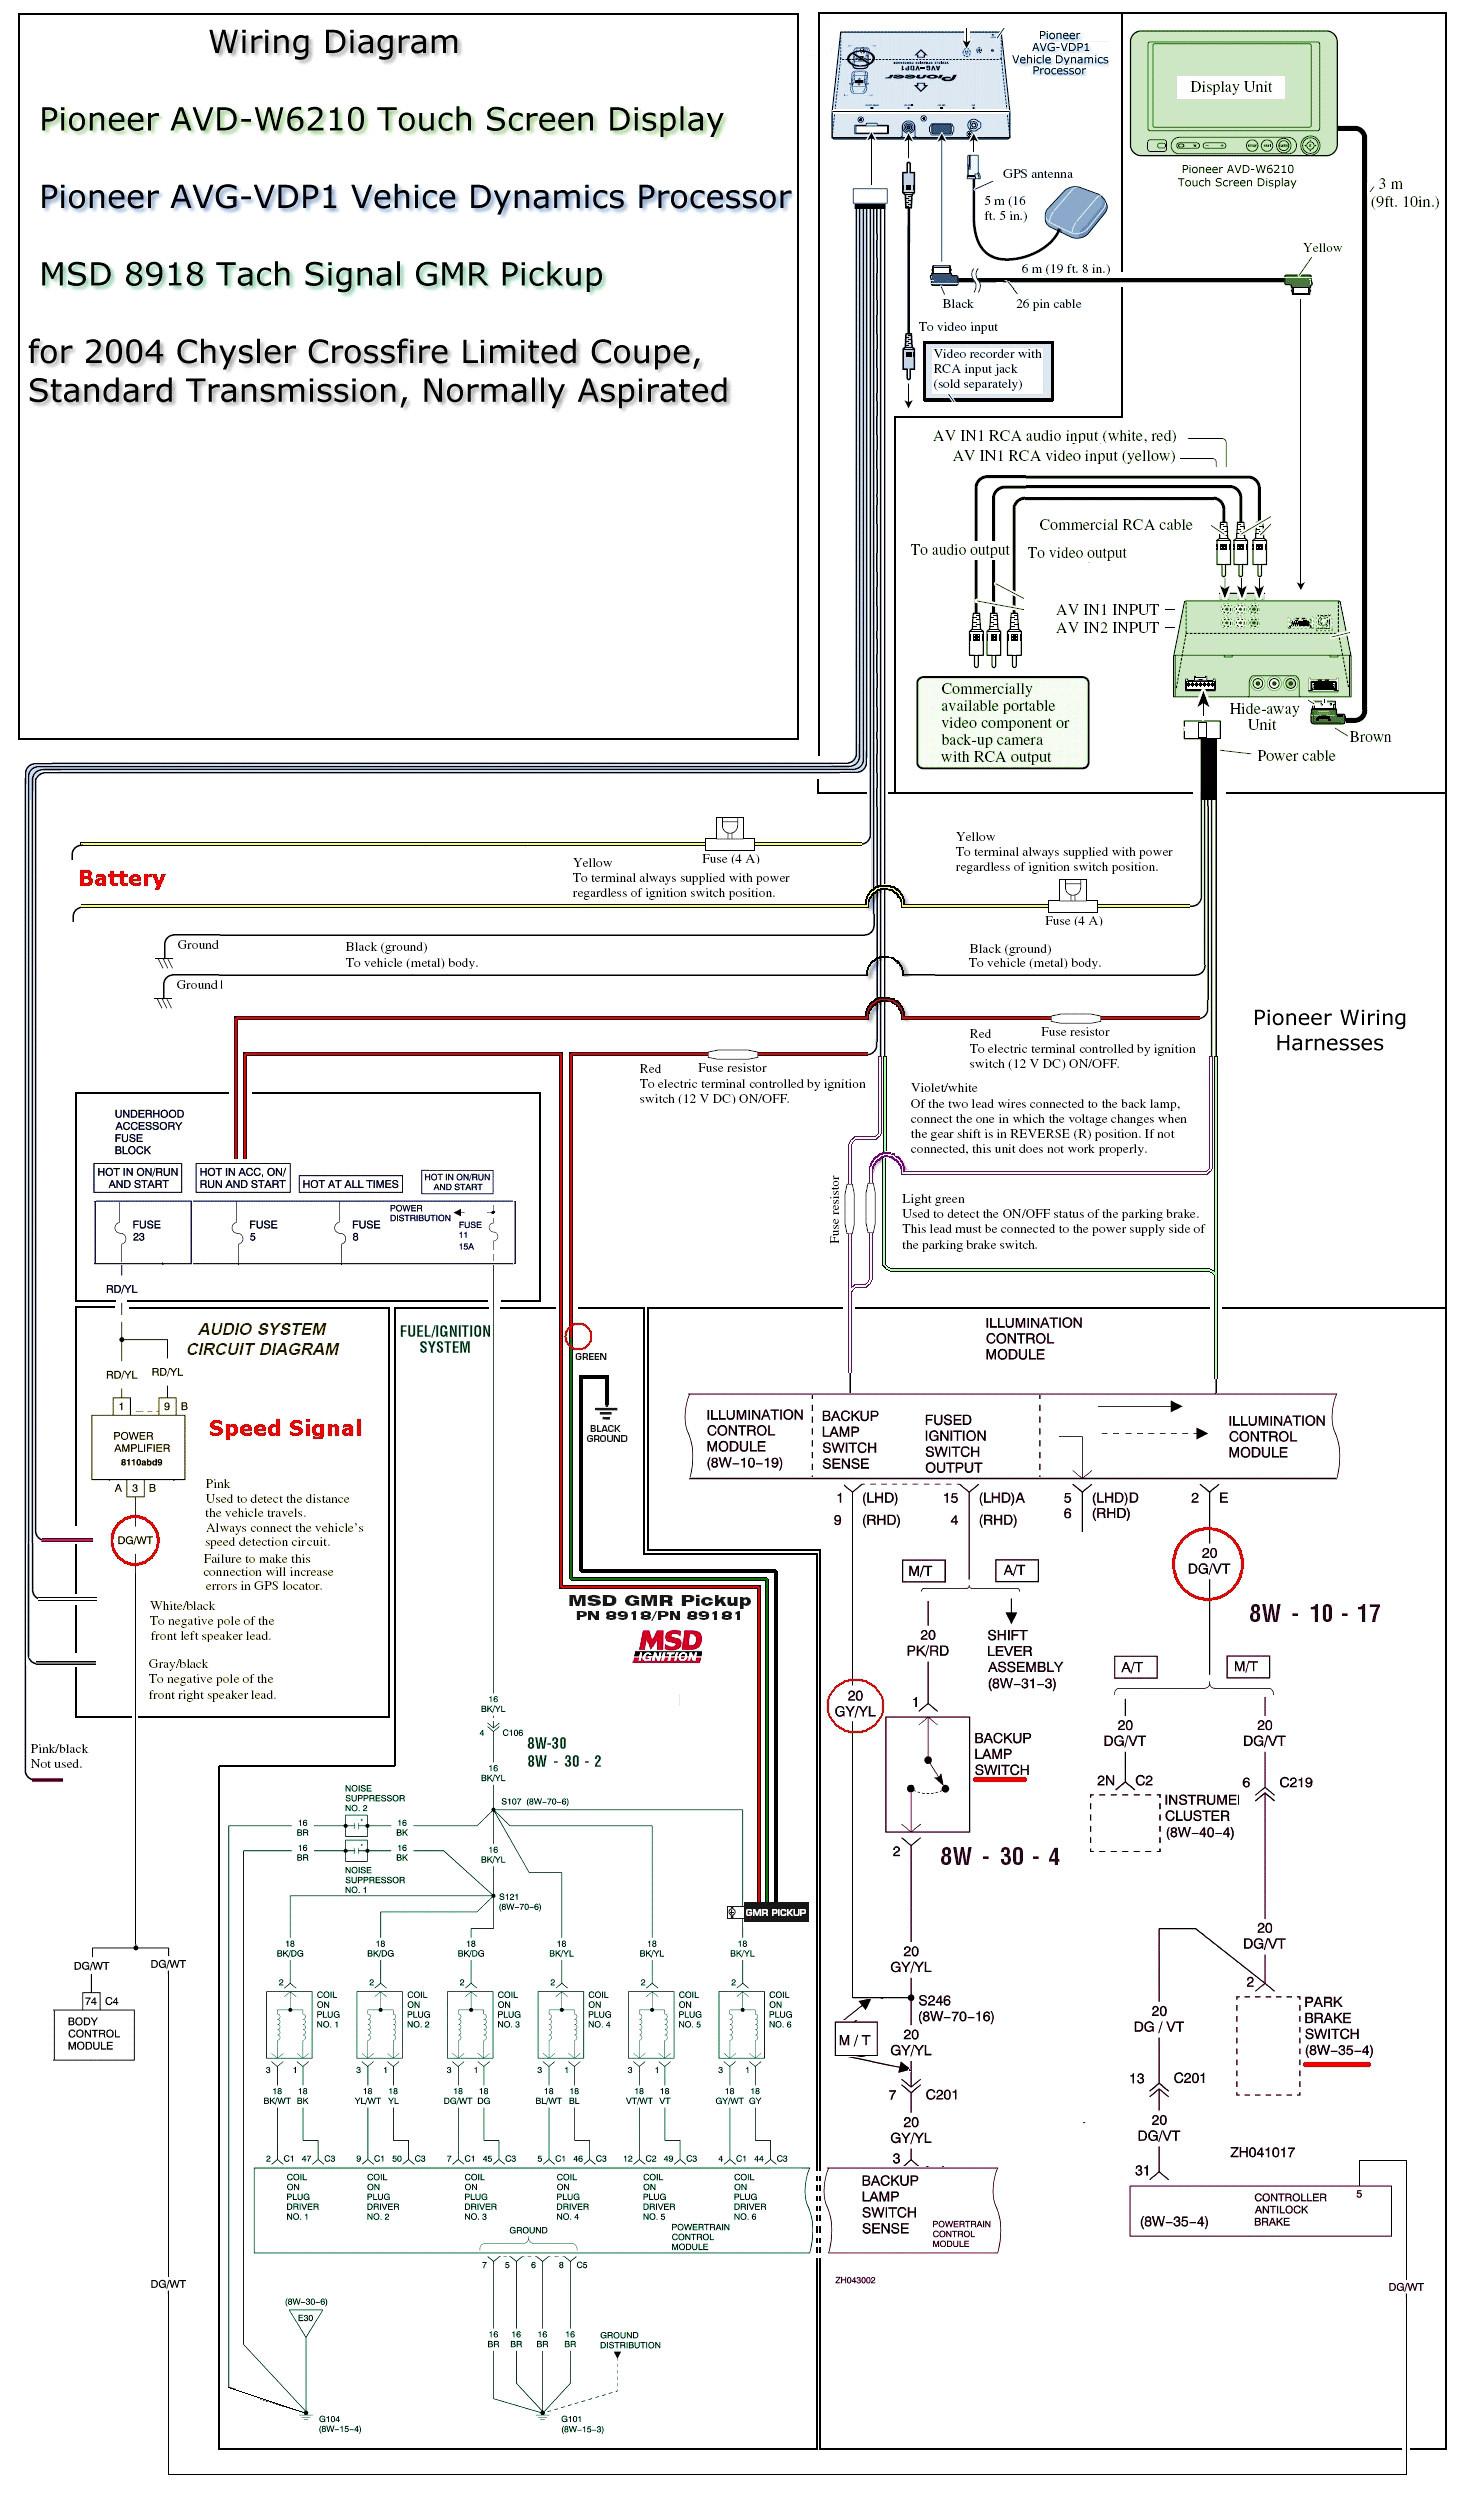 Pioneer Avh 291Bt Wiring Diagram Best Of Pioneer Avh 270Bt Wiring - Pioneer Avh 270Bt Wiring Diagram